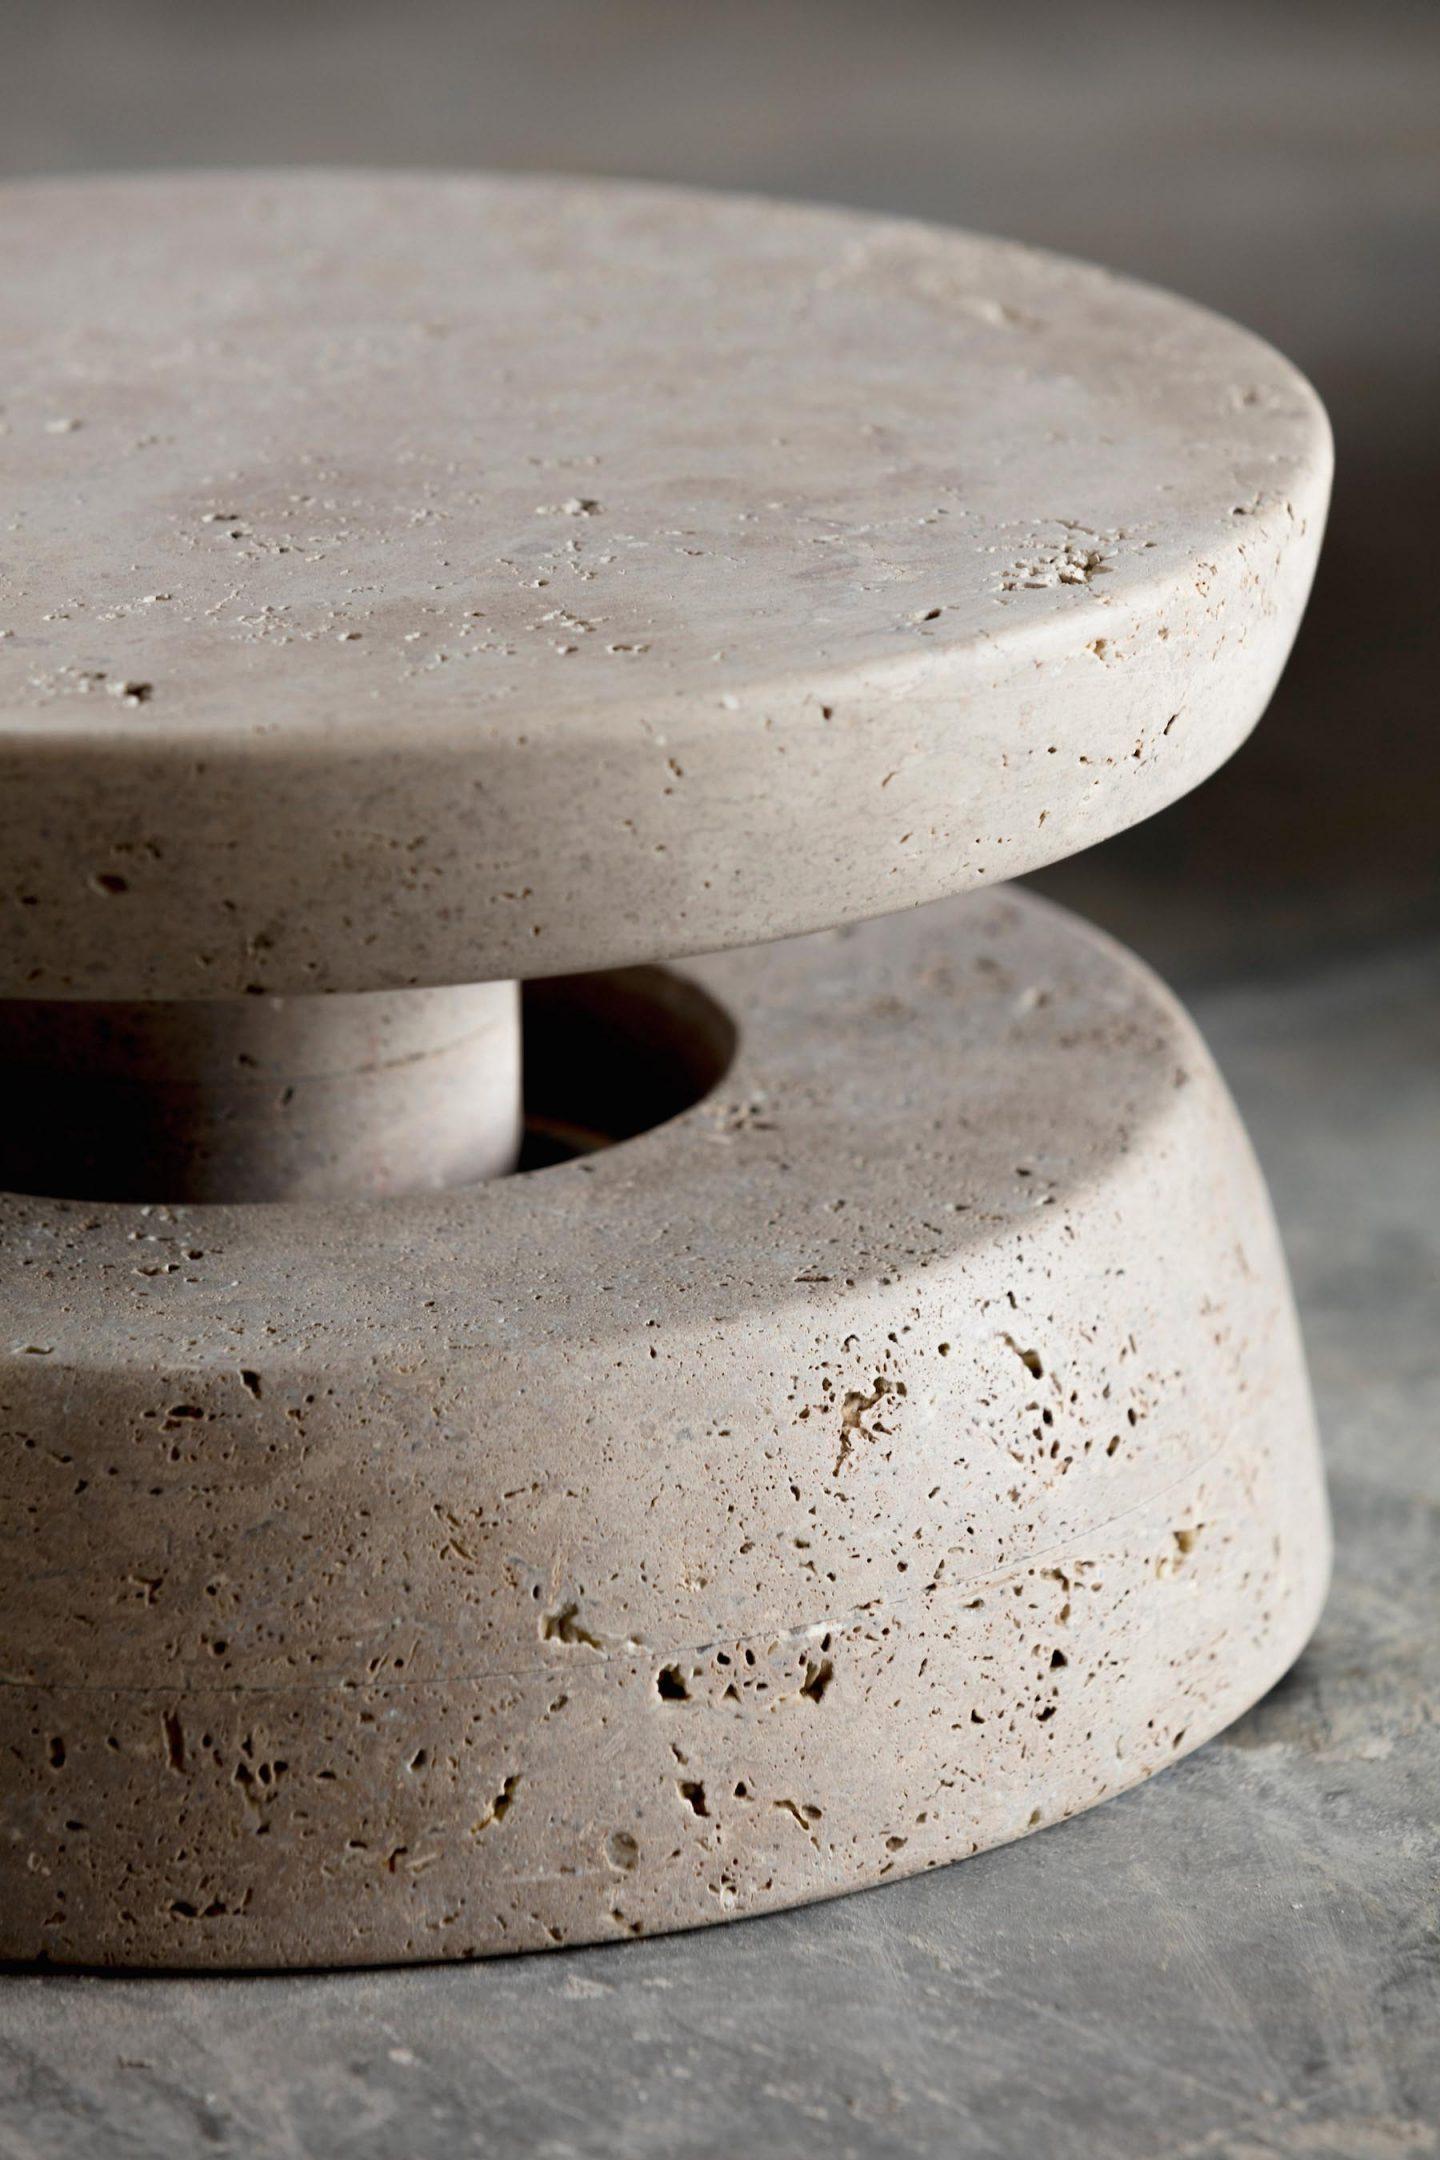 iGNANT-Design-Francesco-Balzano-and-Valeriane-Lazard-Primitif-14